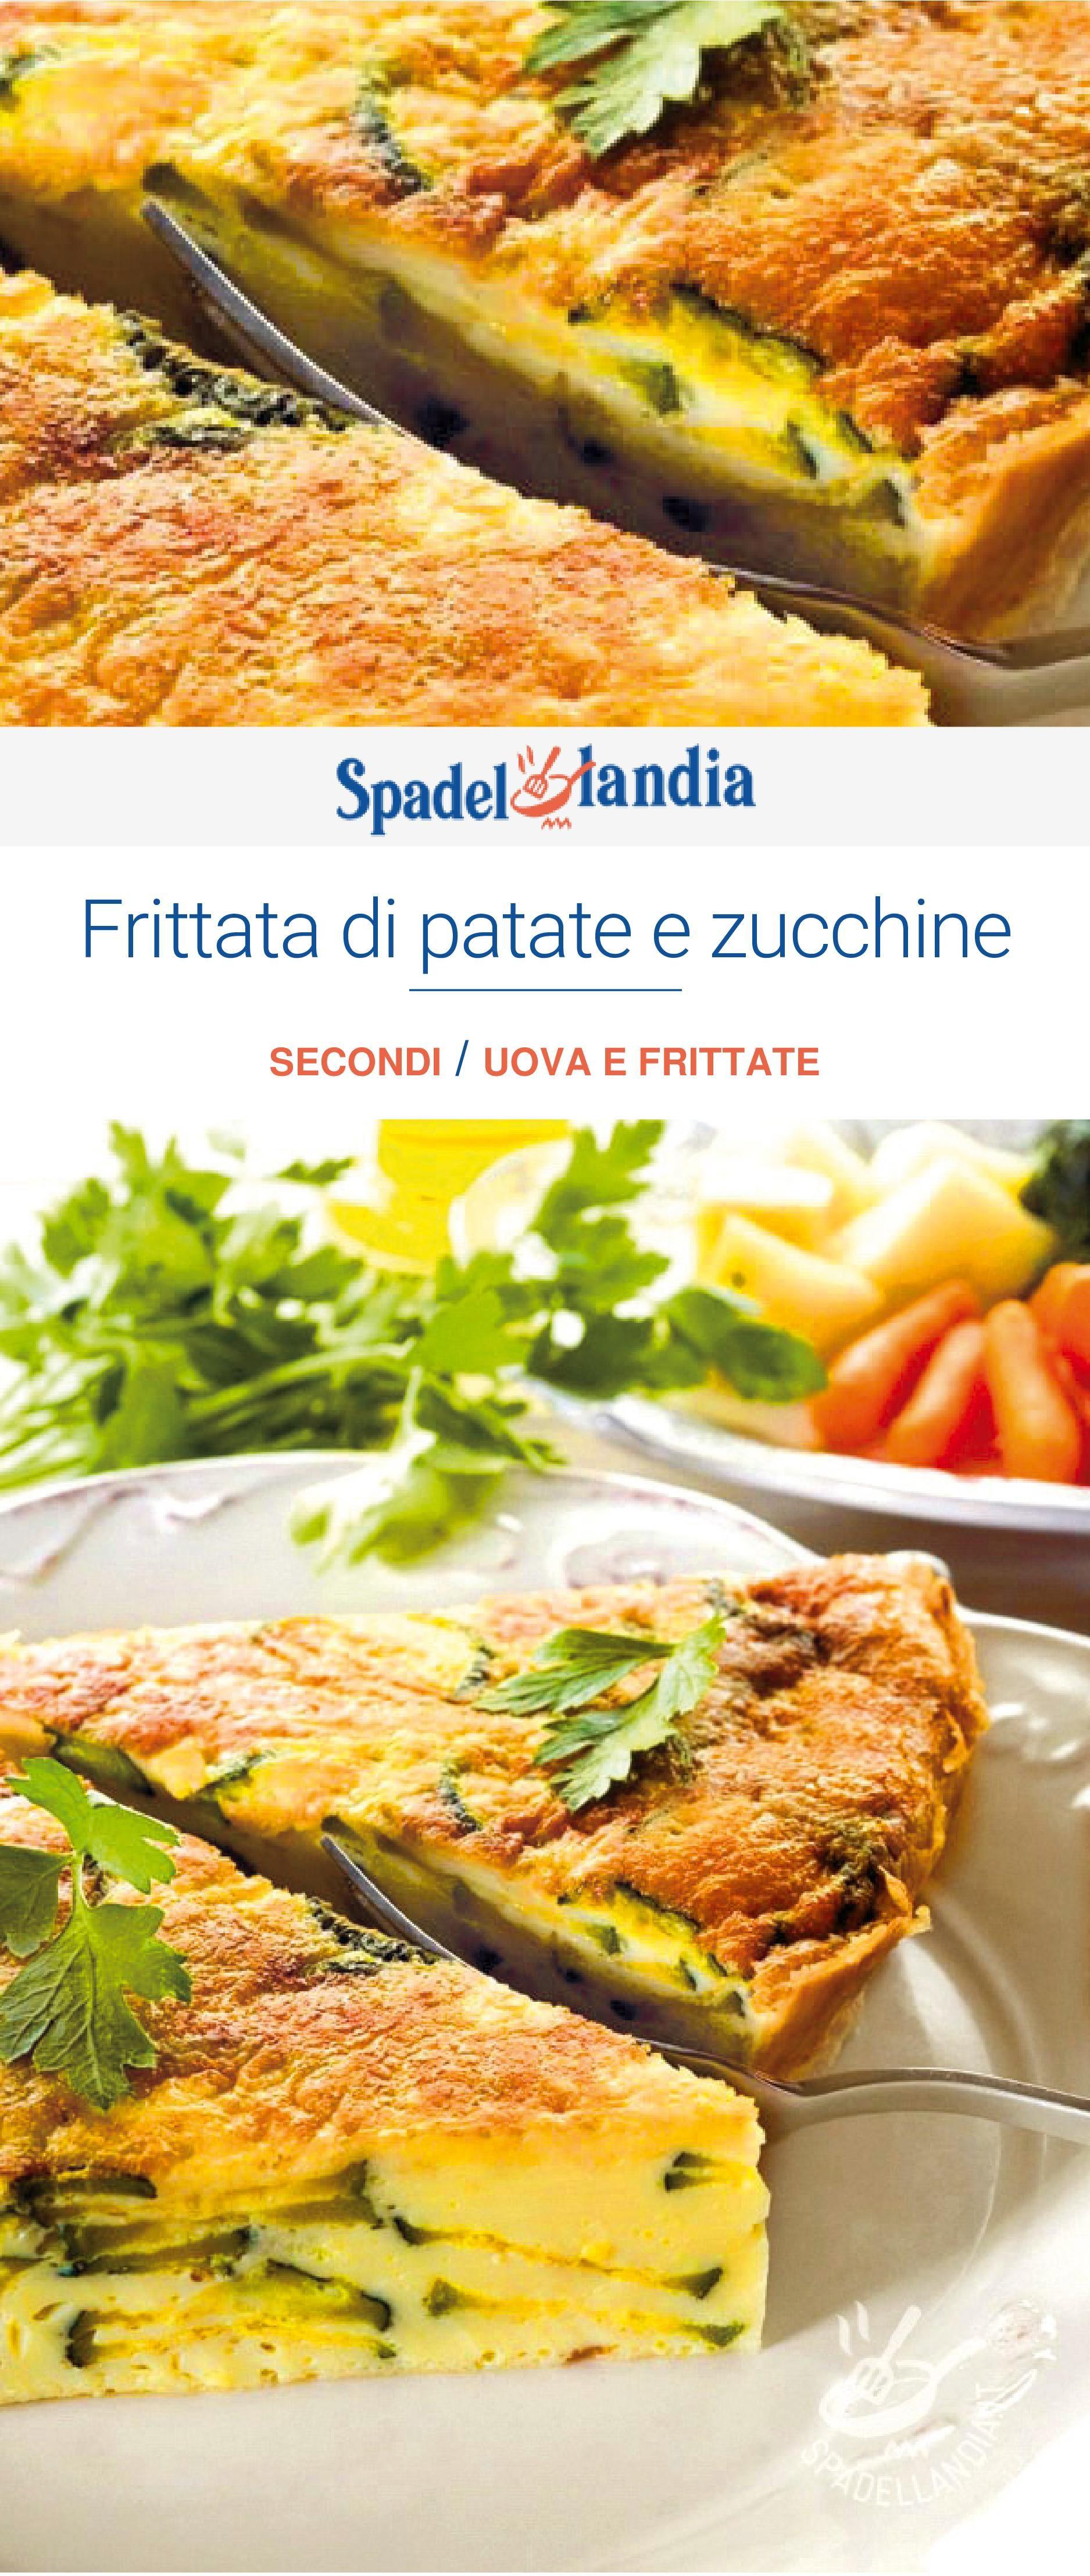 b61701aa1153f63ddb663abf16f41cf7 - Frittata Ricette